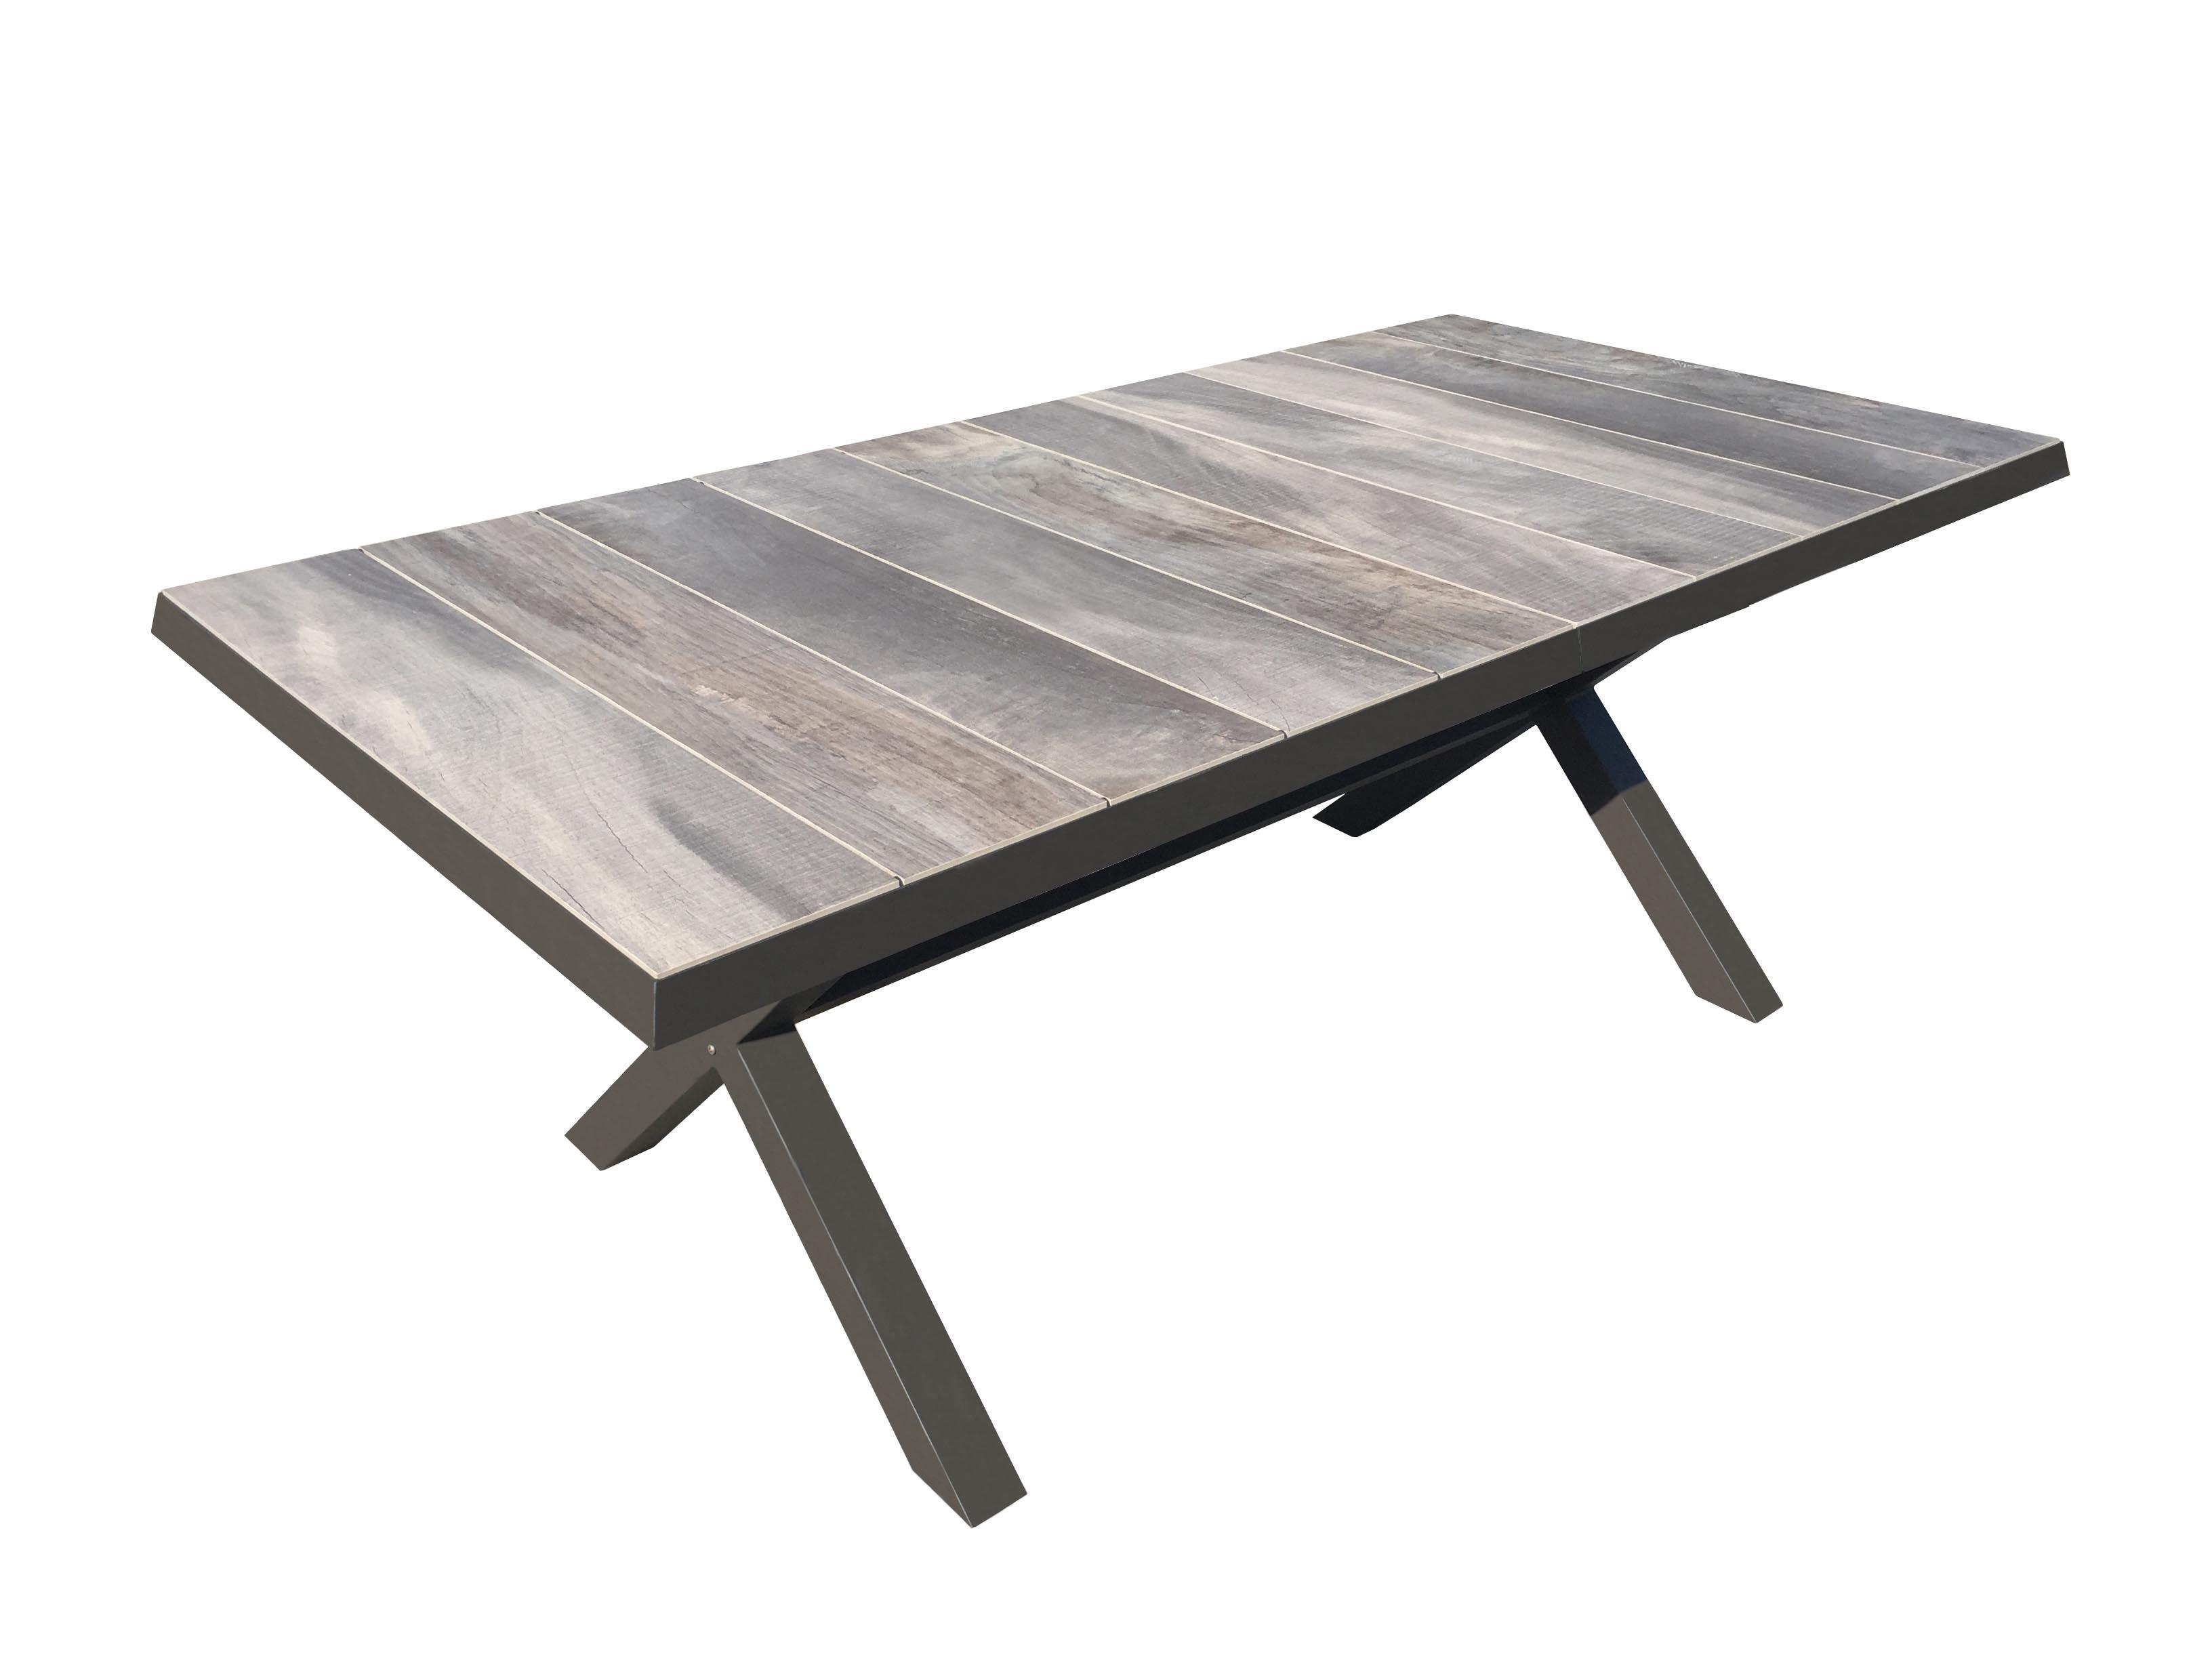 Marbella ext tafel 204/264 x 100 x 75